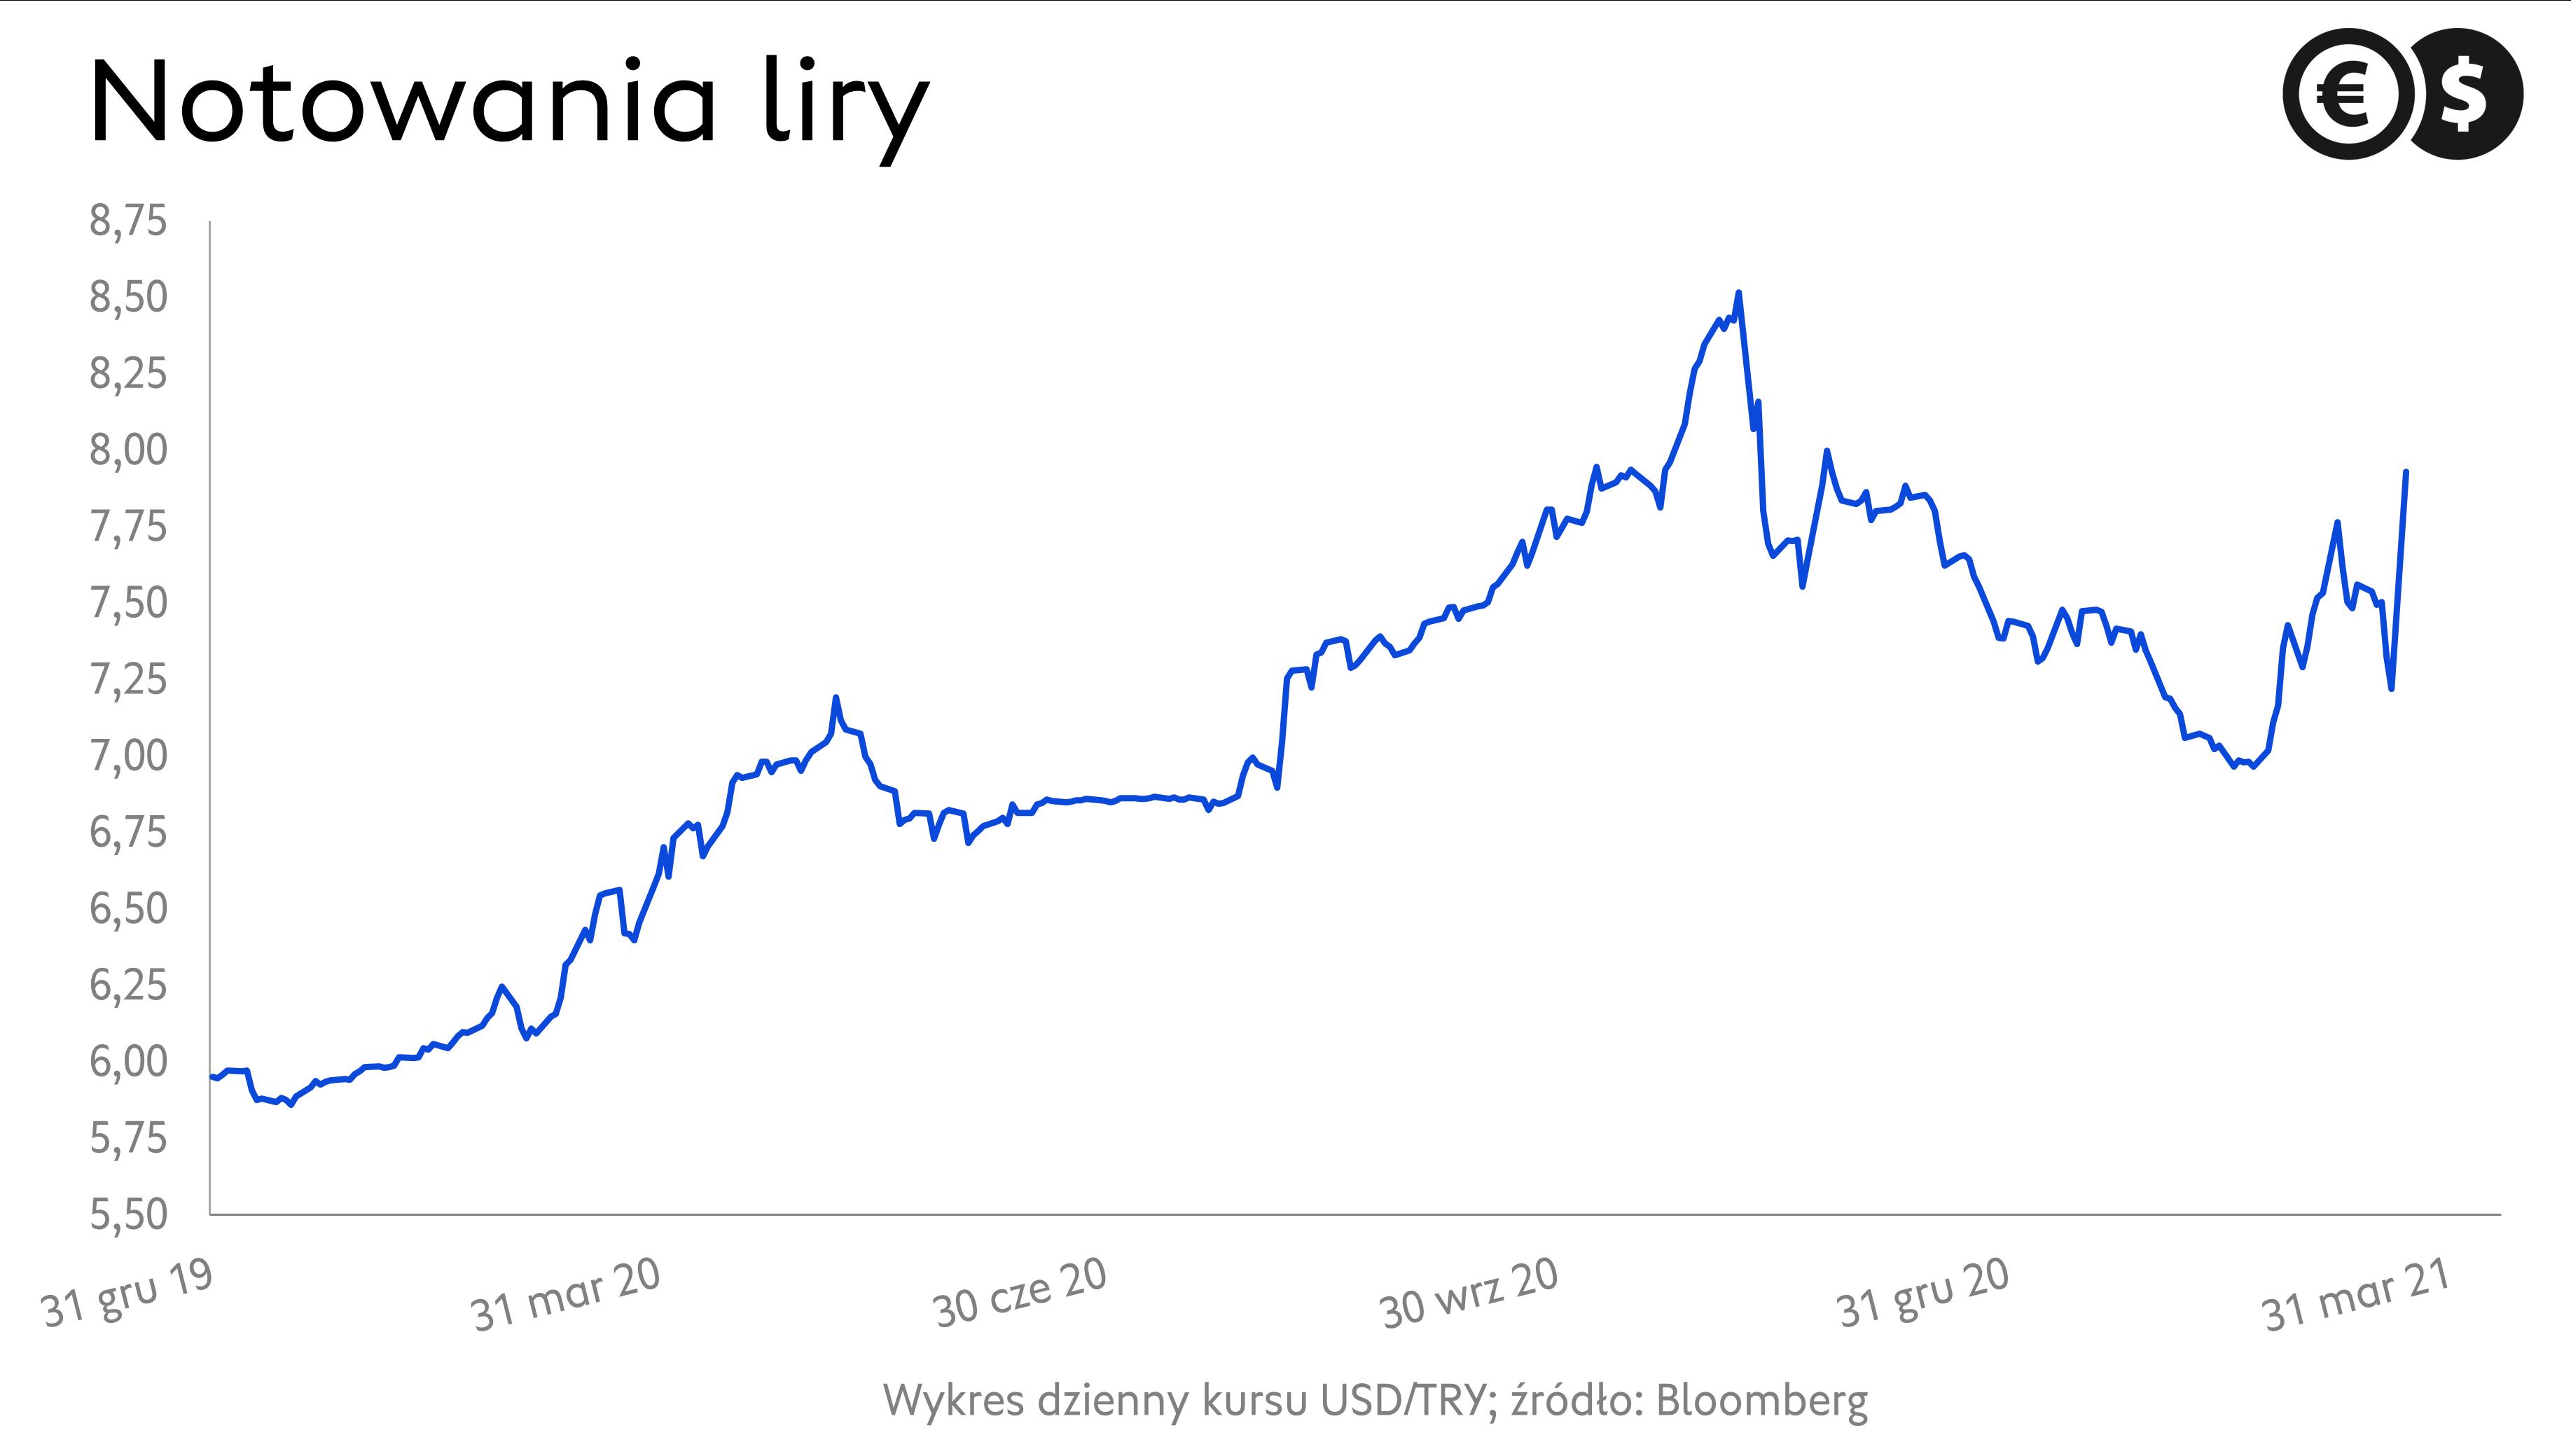 Notowania liry tureckiej. Kurs USD/TRY; źródło: Bloomberg